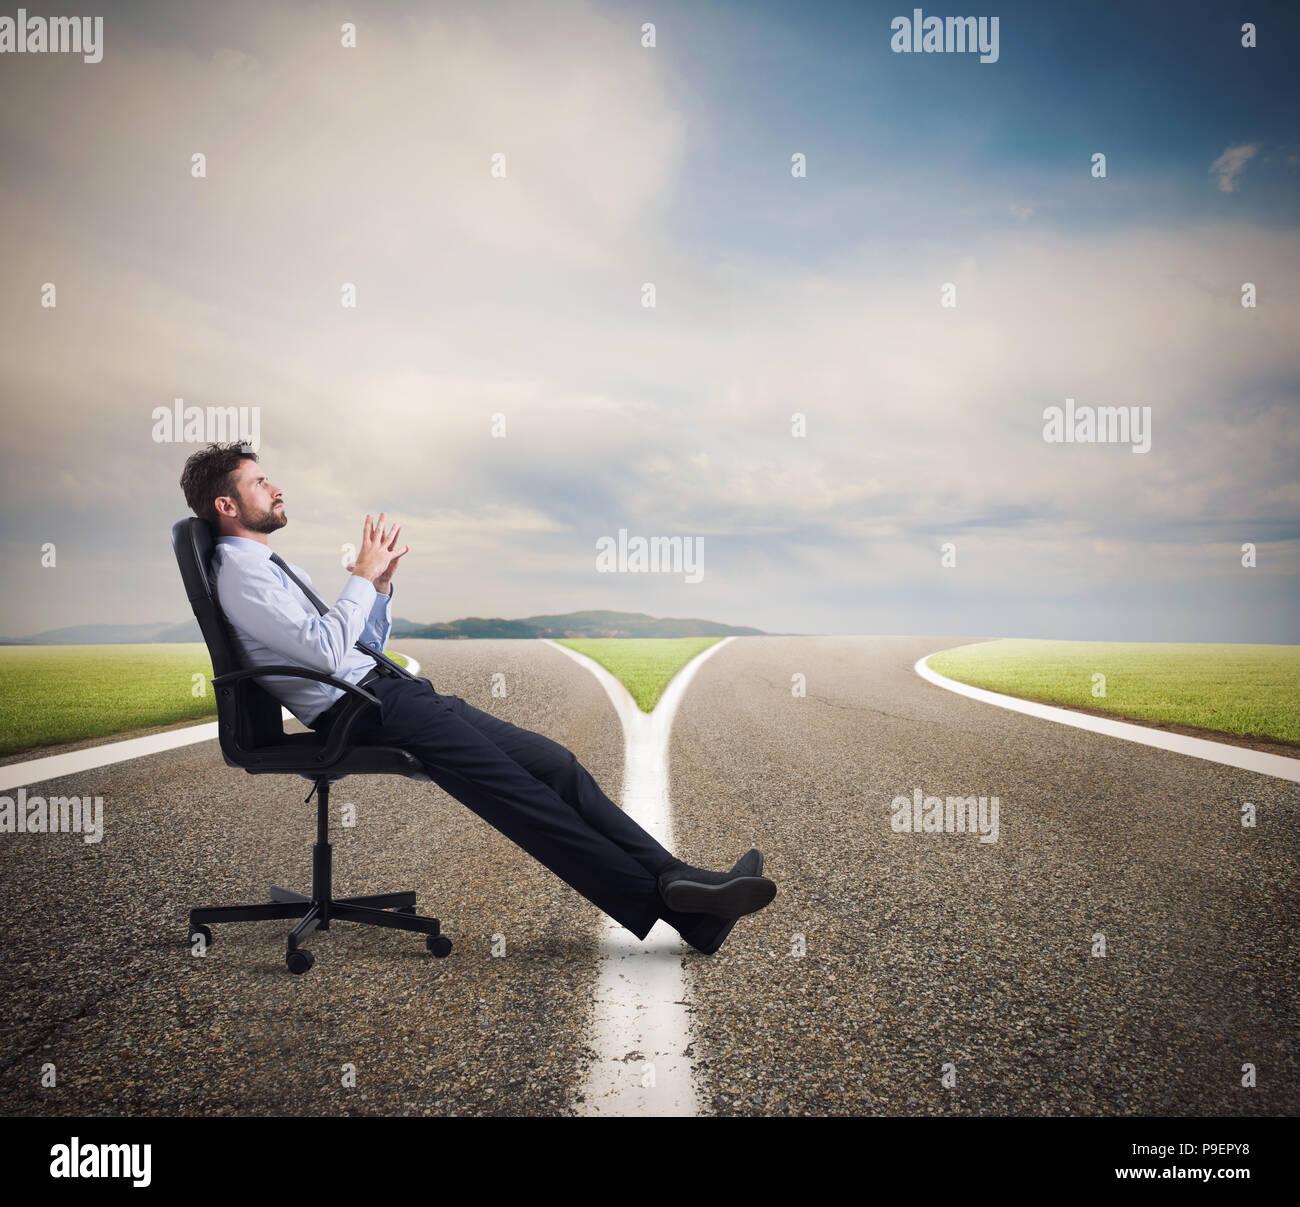 Scelte difficili di un imprenditore a un crocevia. concetto di confusione Immagini Stock